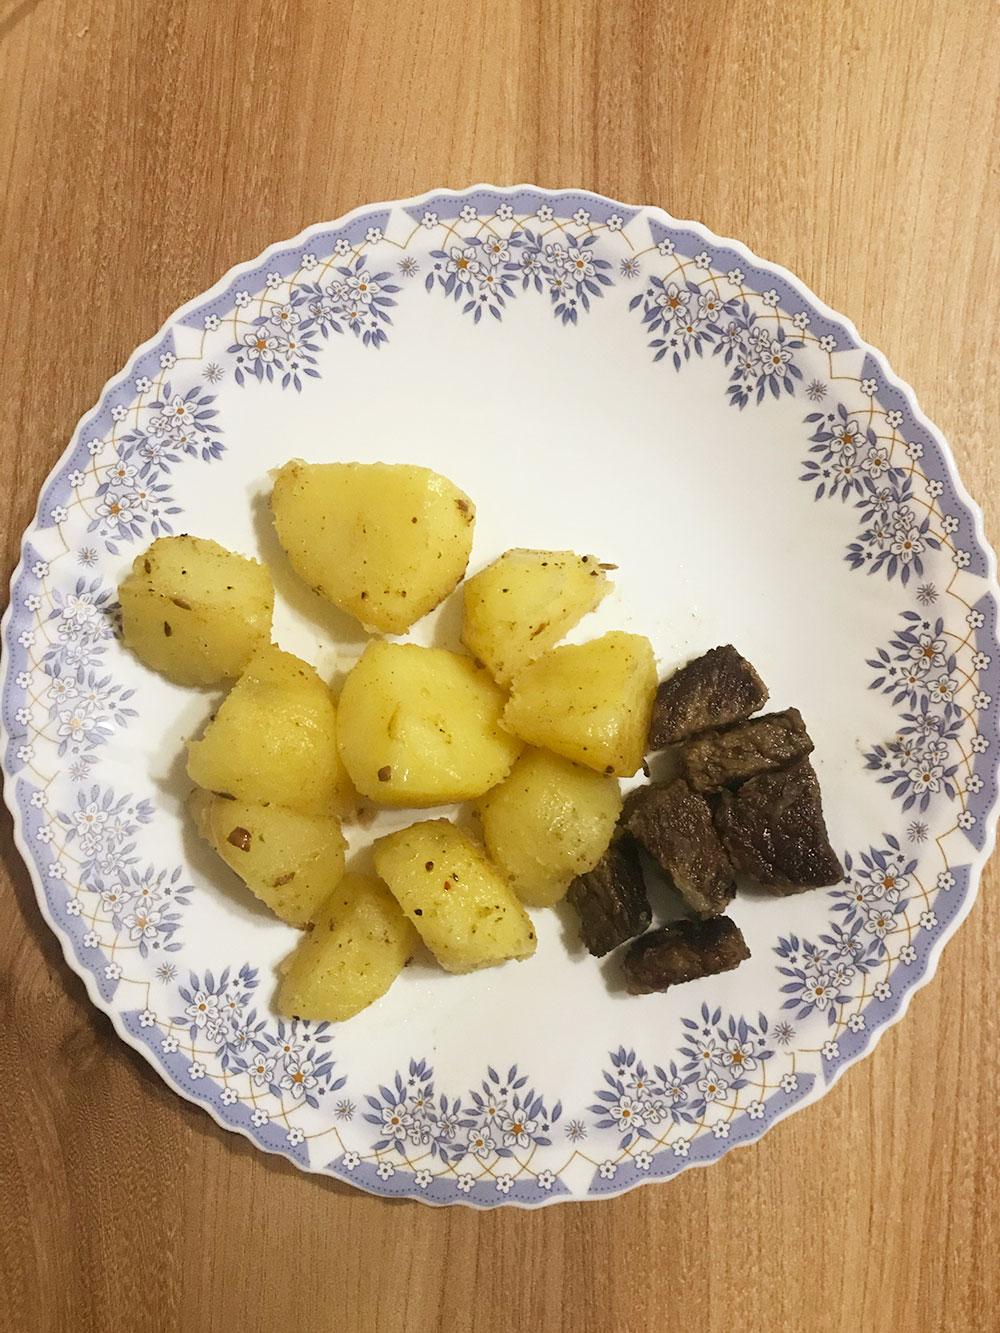 «Картофель сжареным мясом» вмоем случае выглядит так. Это вечернее блюдо, которое казалось очень сытным — покрайней мере, янемаялась отголода перед сном